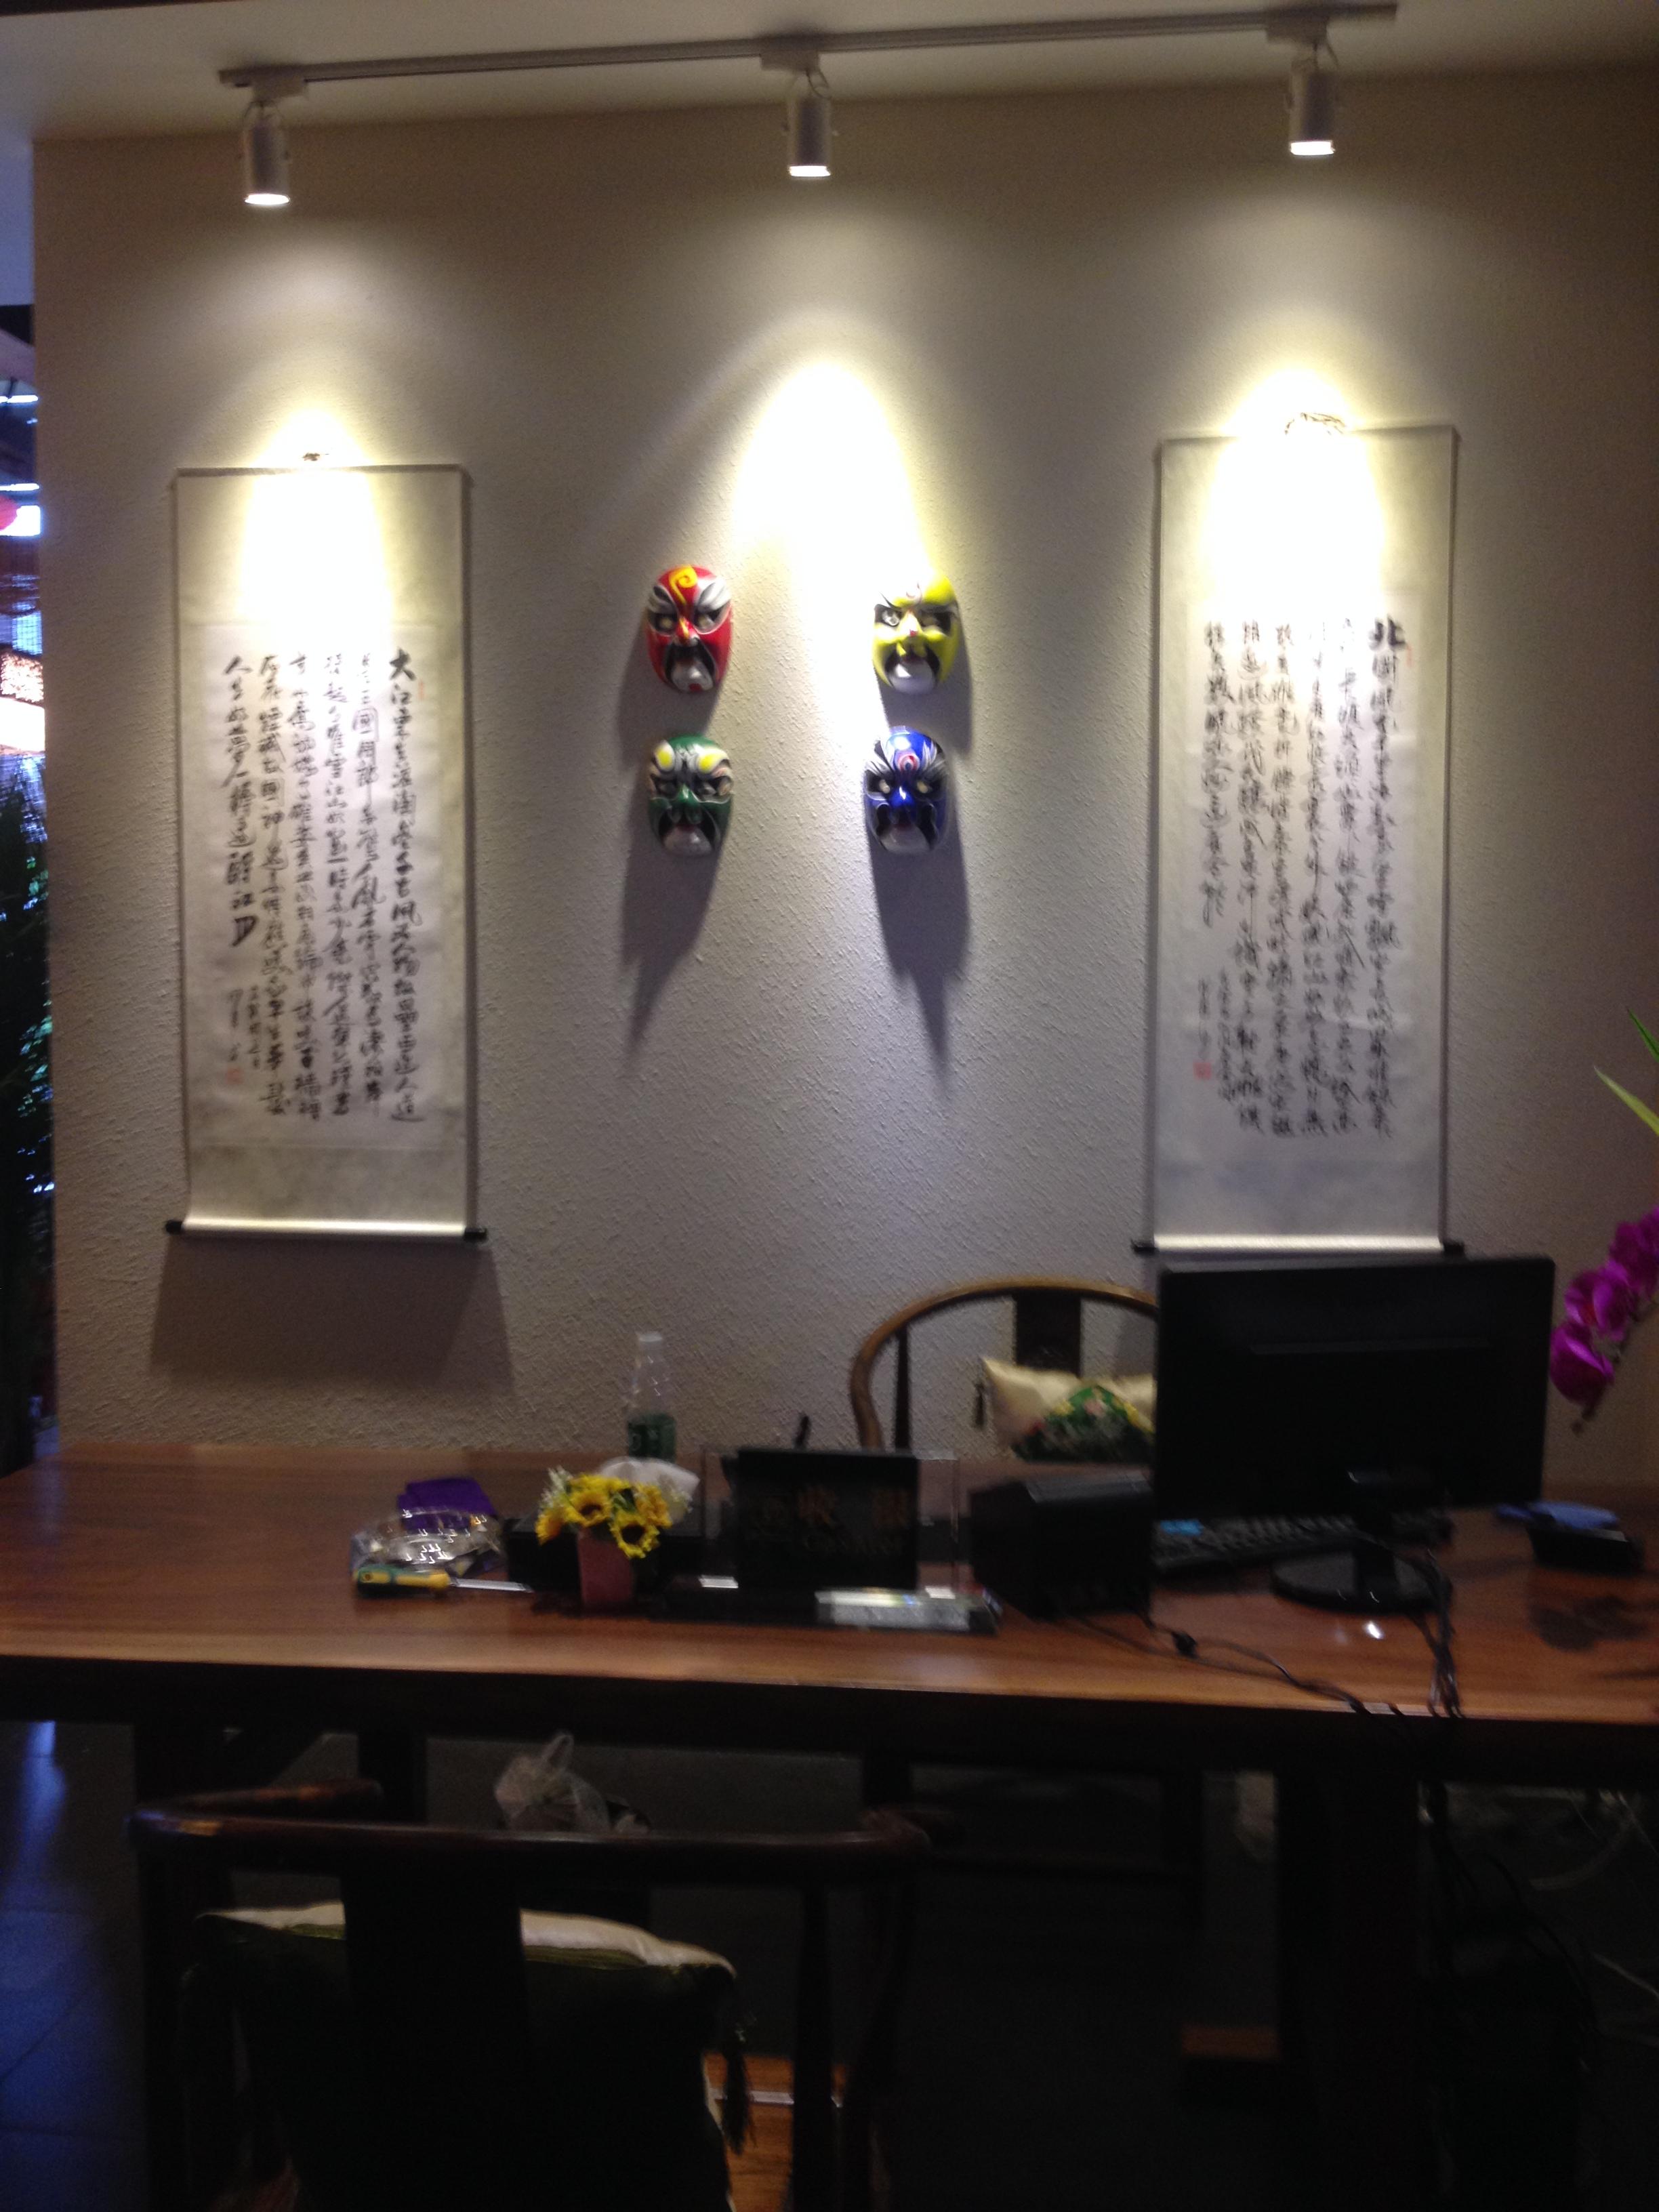 青砖的墙面,木质柜体,定制的家具和随意摆放的植物,都诠释了一种优雅宁静, 古朴的情怀,贴合茶文化糅合了中国儒、道、佛诸派思想,独成一体,芬芳而甘醇。  办公空间除了用字画呼应古朴的风格,另外点缀的戏曲脸谱,鲜明的色彩,使得整个氛围多了一抹趣味。  门采用了玻璃这种现代元素,结合门把手上的祥云,将现代和古代做了一个完美衔接,青砖背景墙上面浅浅的小青苔,滴答滴答的水滴落入石槽里,让人不禁想起江南的烟雨,顶上的红色油纸伞是细雨中的一抹妖娆,在袅袅的茶香中,变得幽怨又迷蒙。 也许这就是茶吧,淡淡中悠远的让人猜不